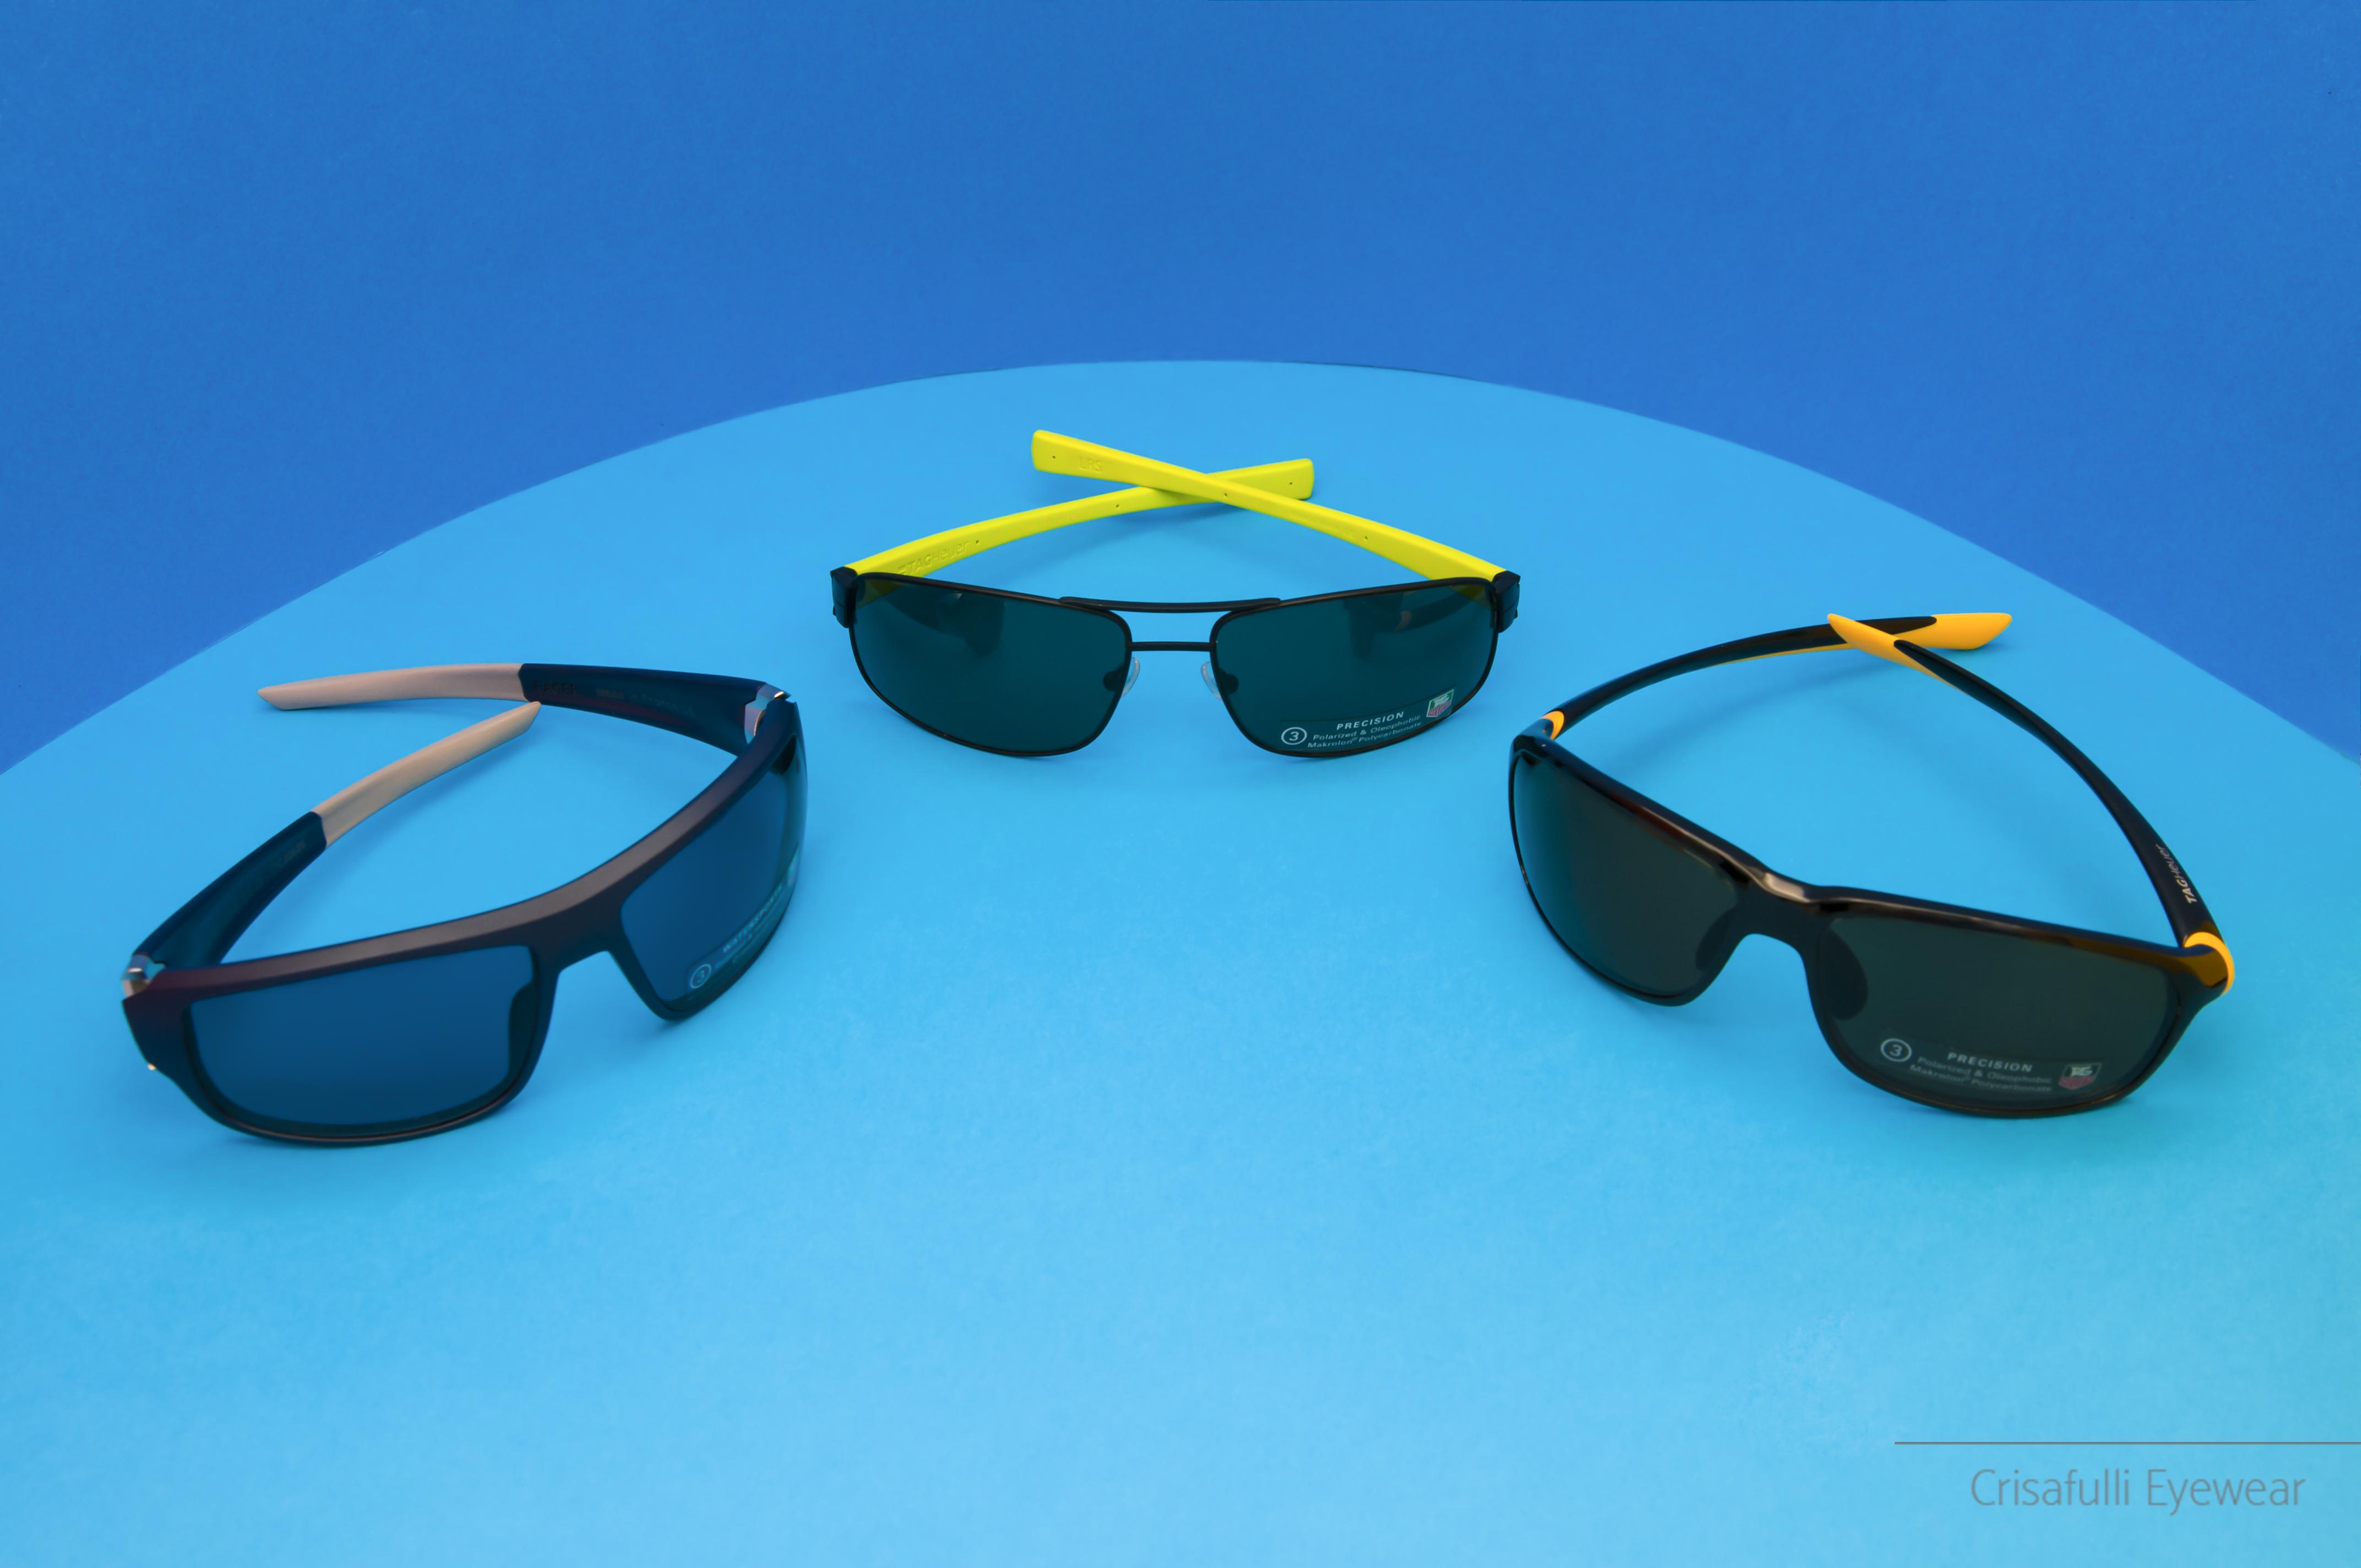 Crisafulli Eyewear - Tag Heuer - RACER 9221, 251 e 6022